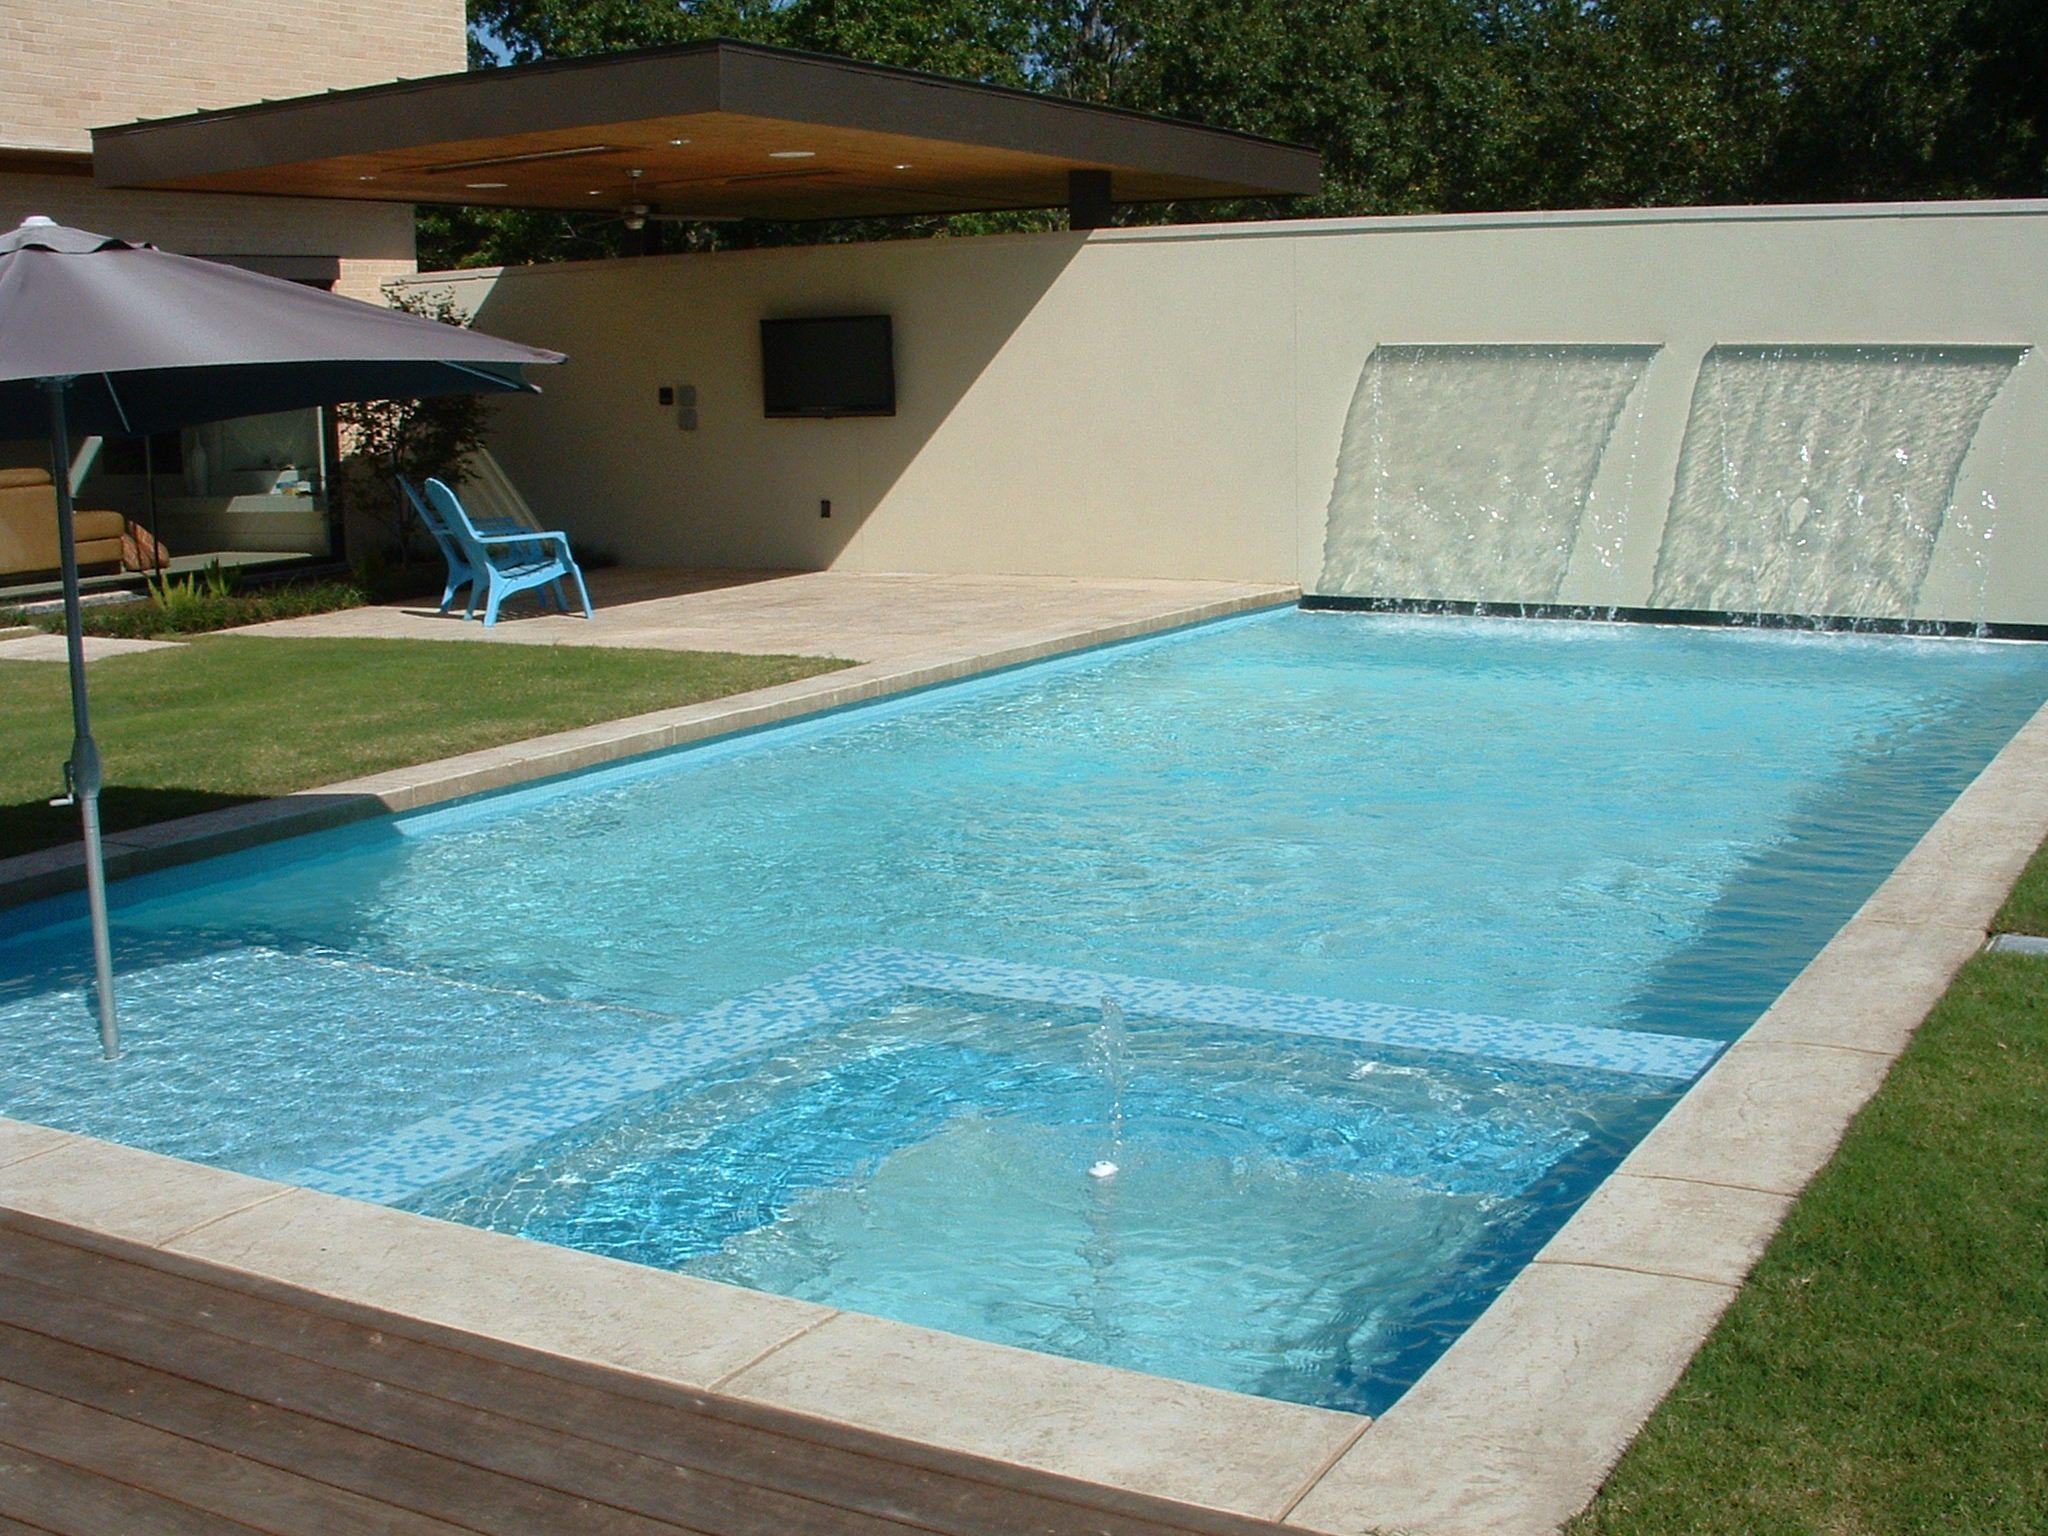 Modern Contemporary Pools In Backyard Garden Design